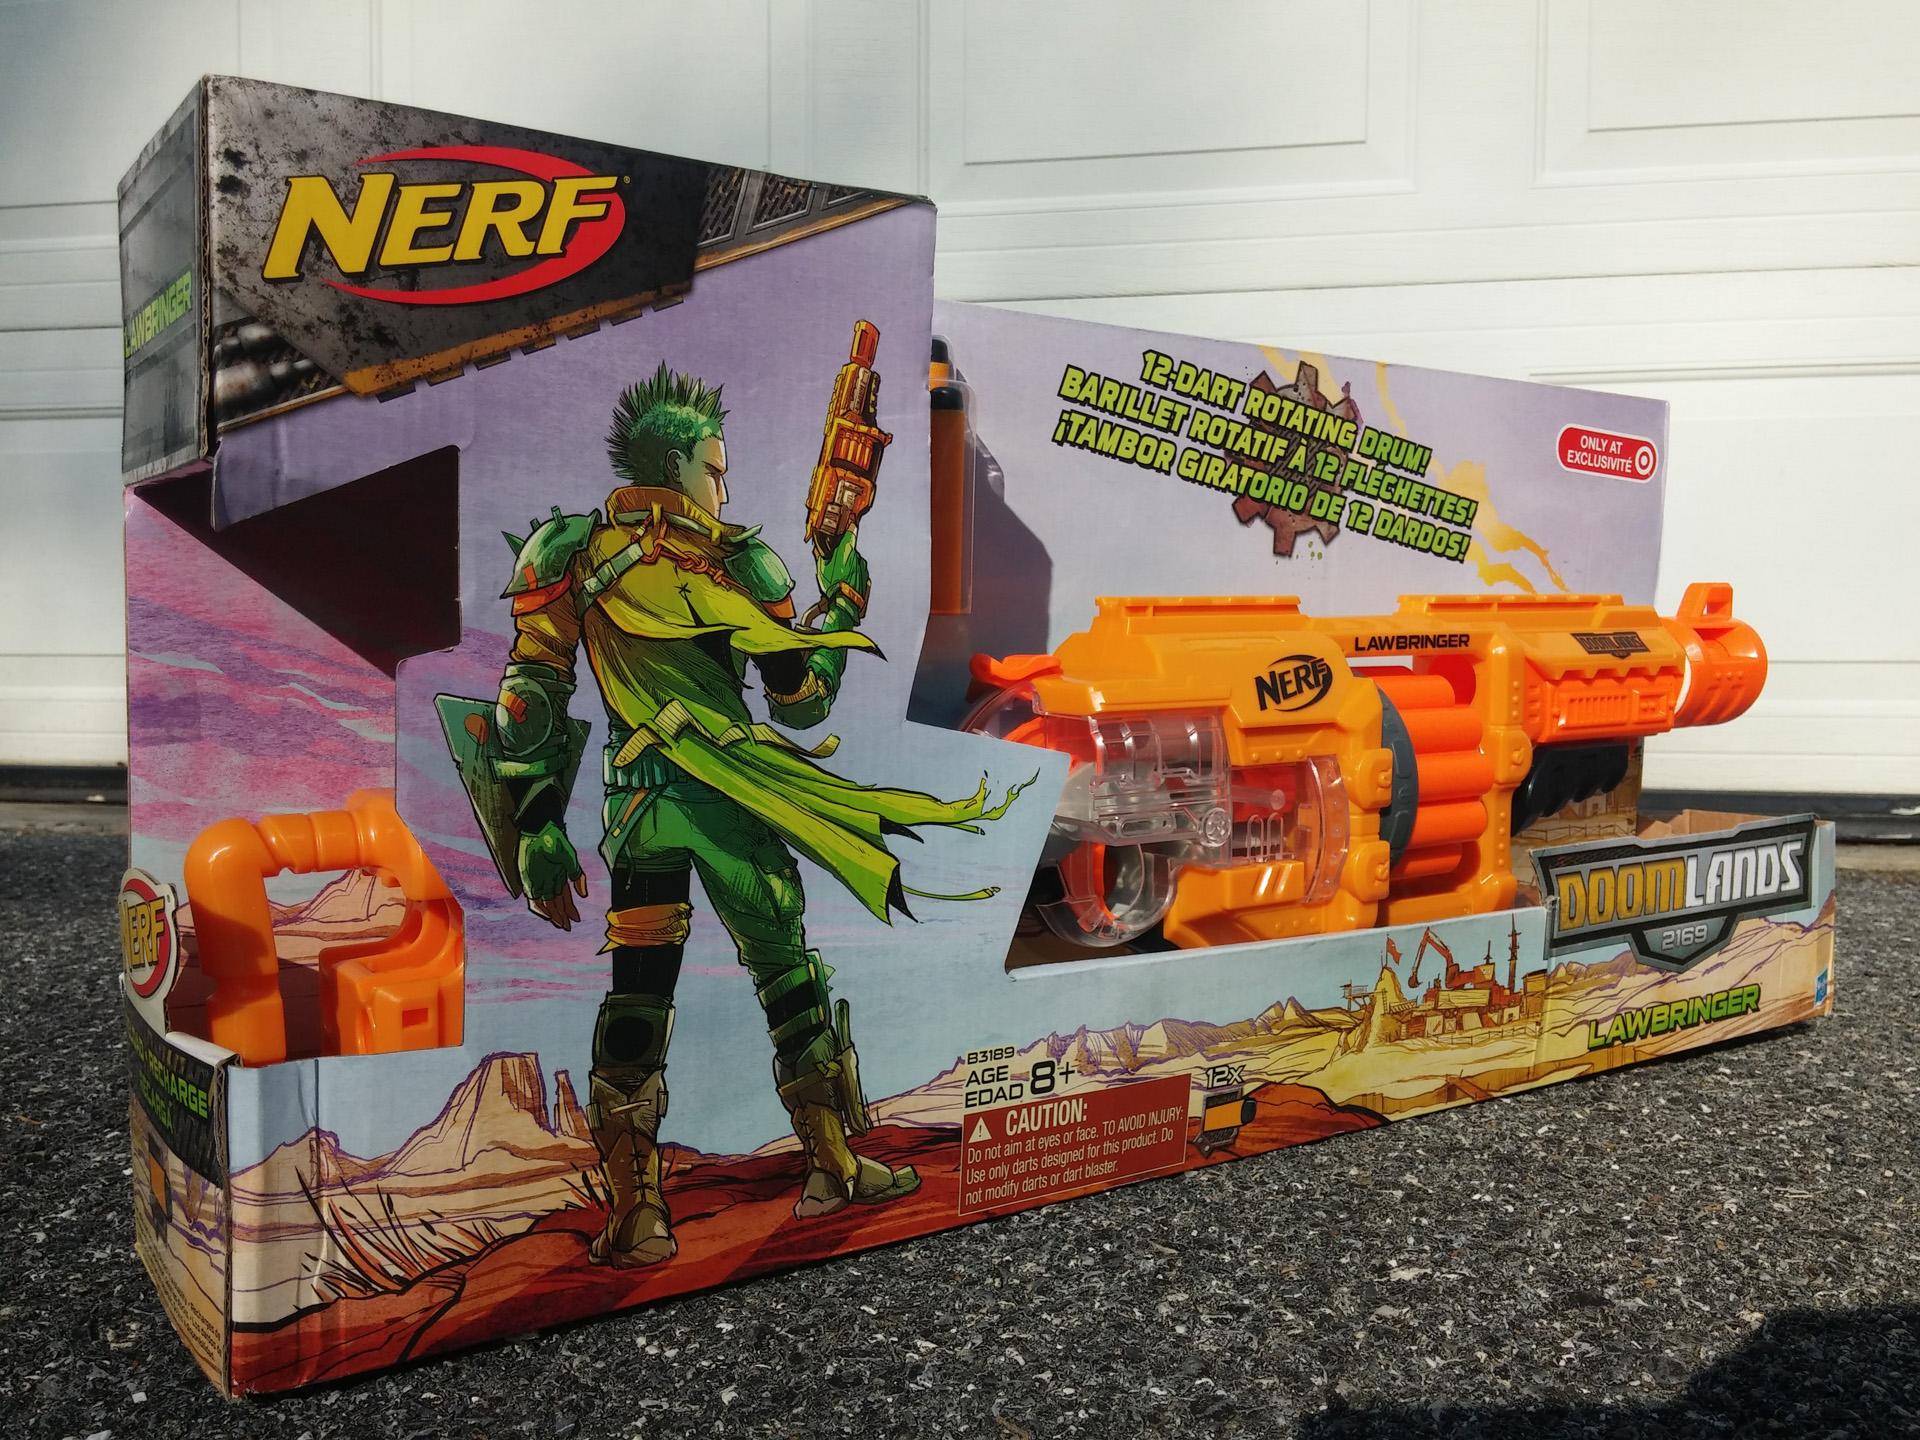 Nerf Doomlands Lawbringer - Design (3)